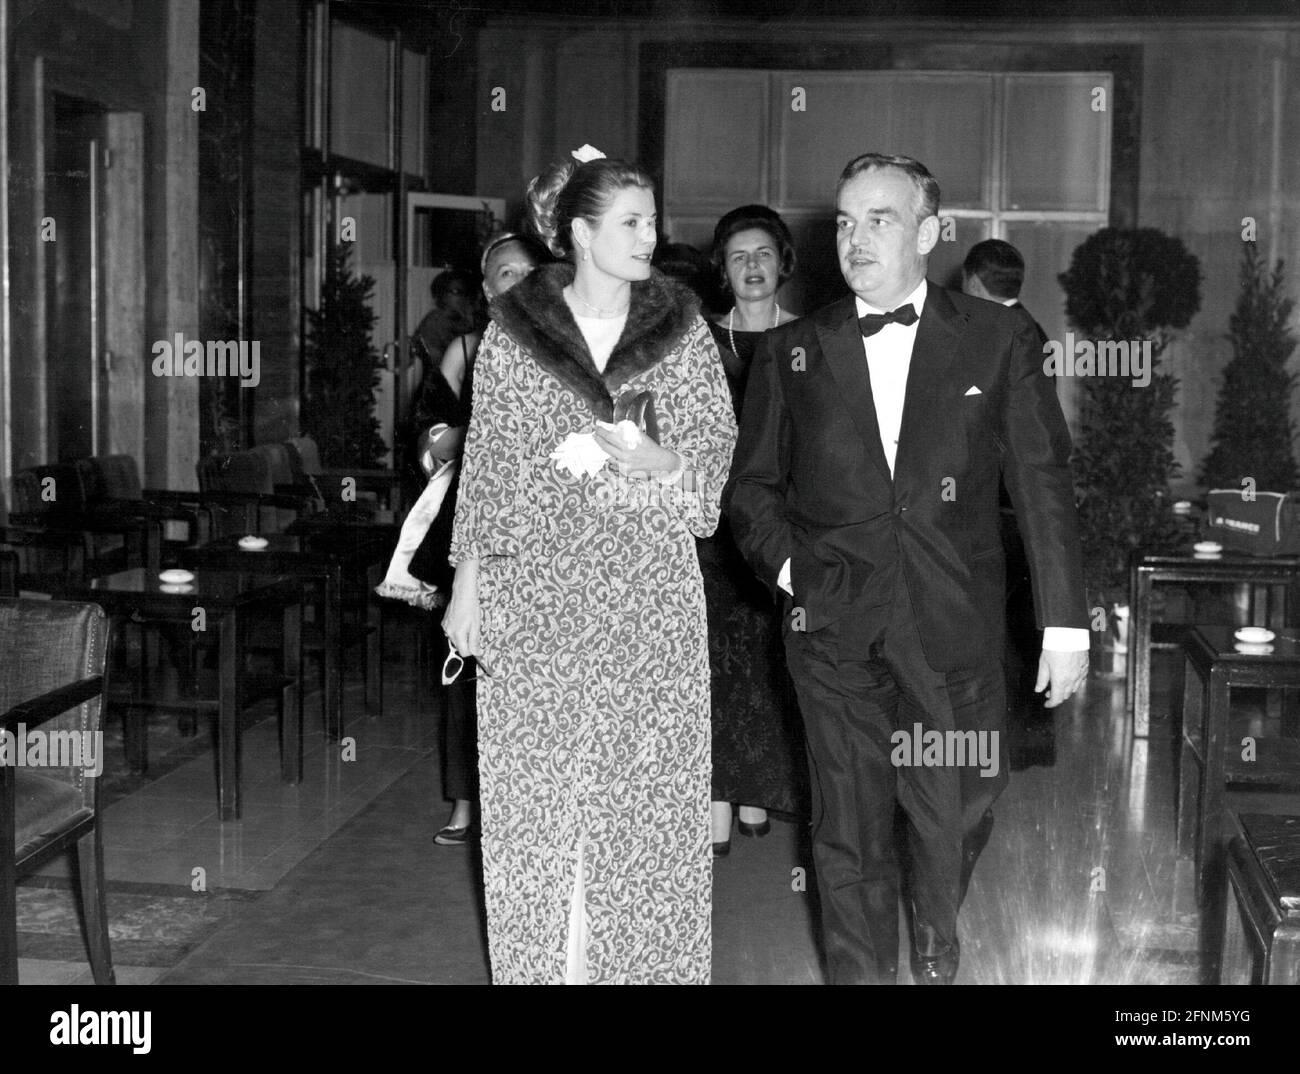 Kelly, Grace, 12.11.1929 - 14.9.1982, actrice américaine, demi-longueur, INFO-AUTORISATION-DROITS-SUPPLÉMENTAIRES-NON-DISPONIBLE Banque D'Images